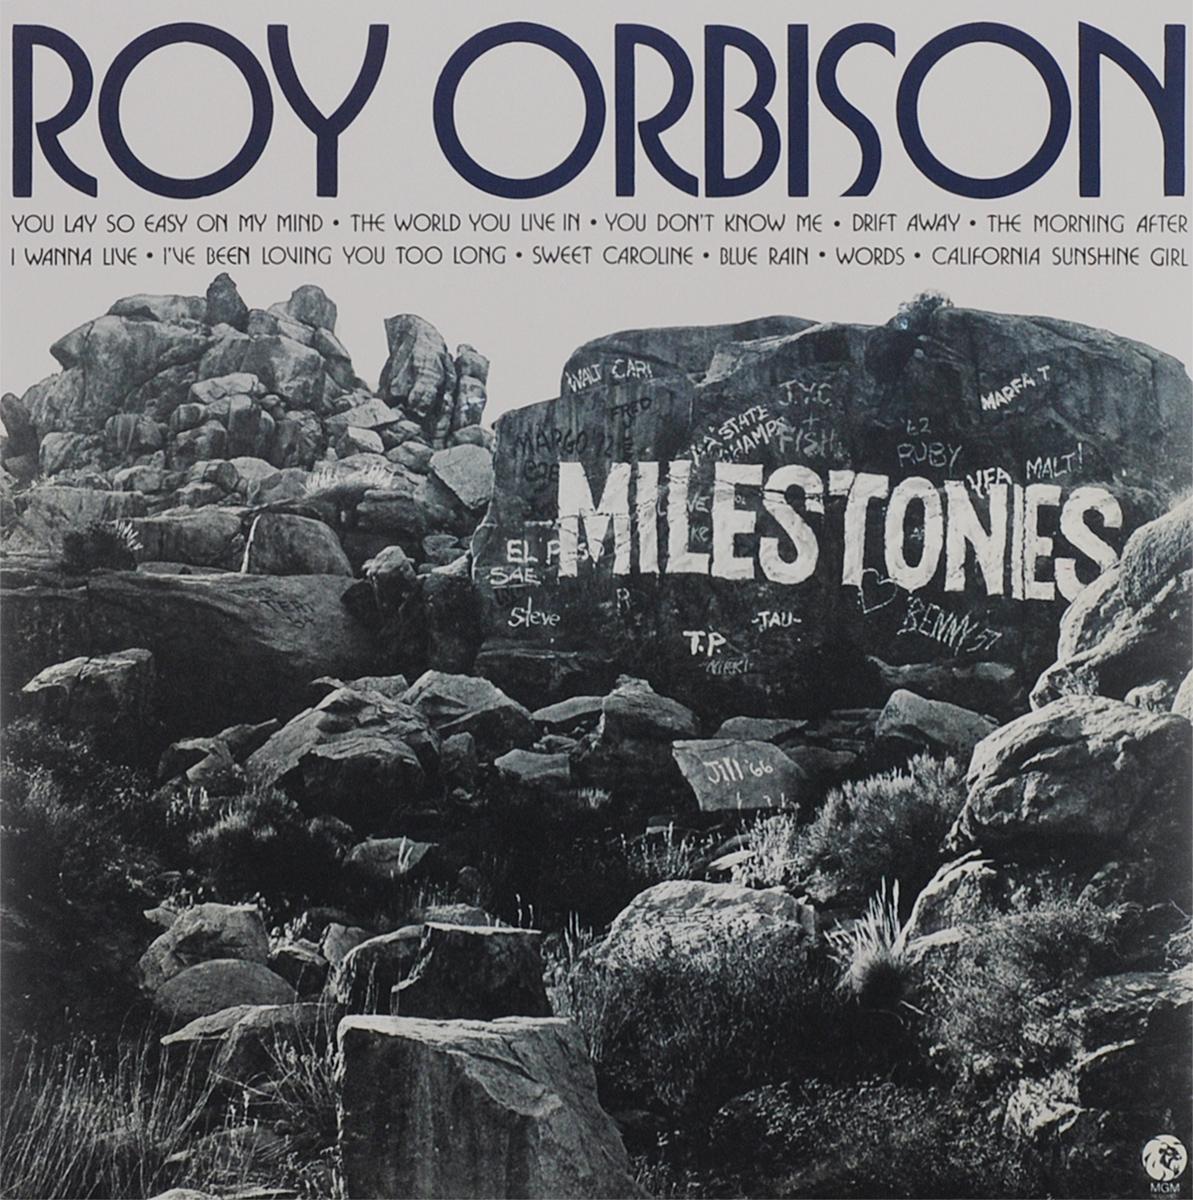 Рой Орбисон Roy Orbison. Milestones (LP) рой эйрс roy ayers ubiquity lifeline lp